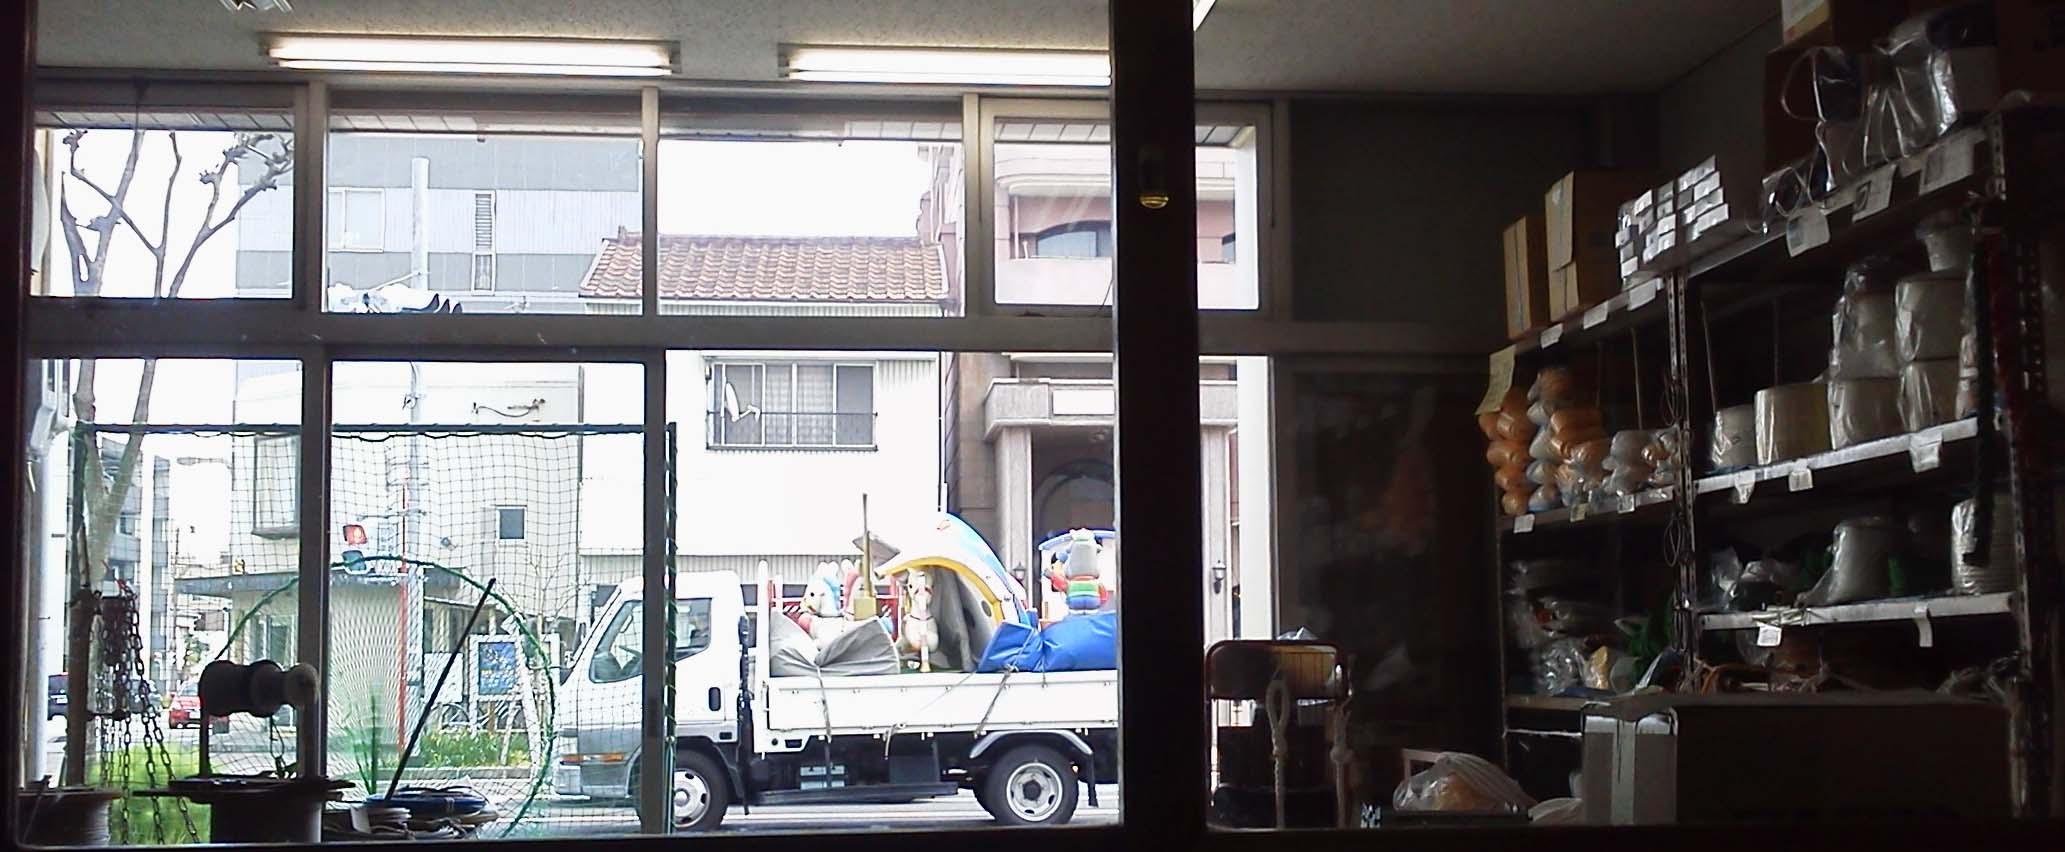 遊具を載せたトラックが行く